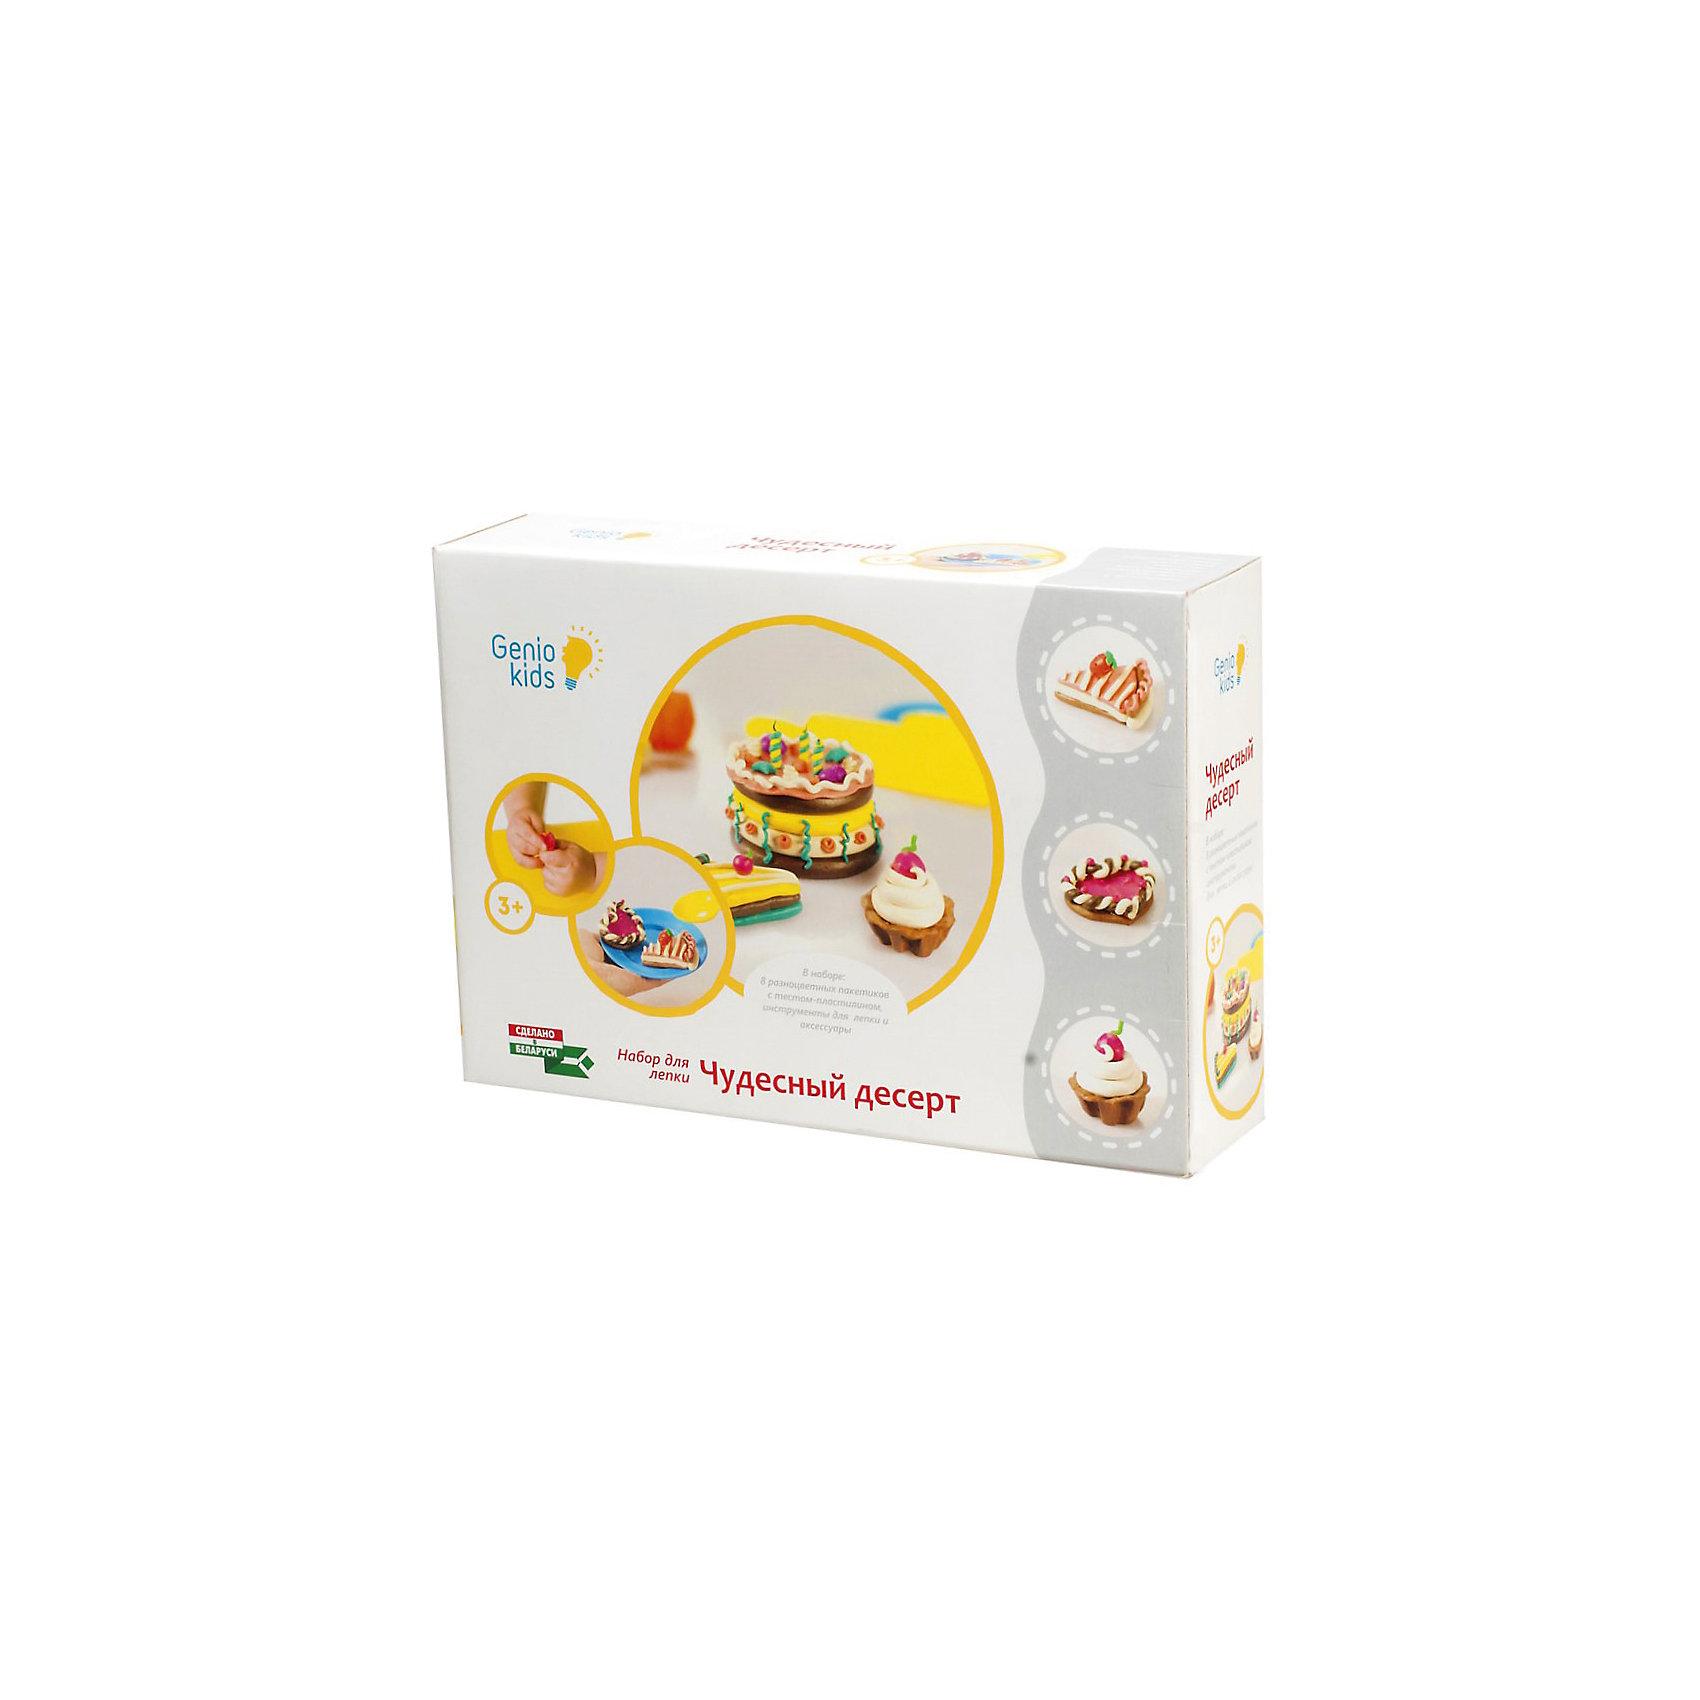 Набор для детского творчества Чудесный десертЛепка<br>При помощи набора теста и формочек ребёнок может создавать десерты различных форм и видов. В комплекте  2 ложки, 2 блюдца, скалка, стек-ножик оригинальный, блистерная форма. 8 пакетиков с тесто-пластилином по 50 гр. Вес теста 400 гр.<br><br>Ширина мм: 250<br>Глубина мм: 170<br>Высота мм: 60<br>Вес г: 630<br>Возраст от месяцев: 36<br>Возраст до месяцев: 108<br>Пол: Унисекс<br>Возраст: Детский<br>SKU: 5018313